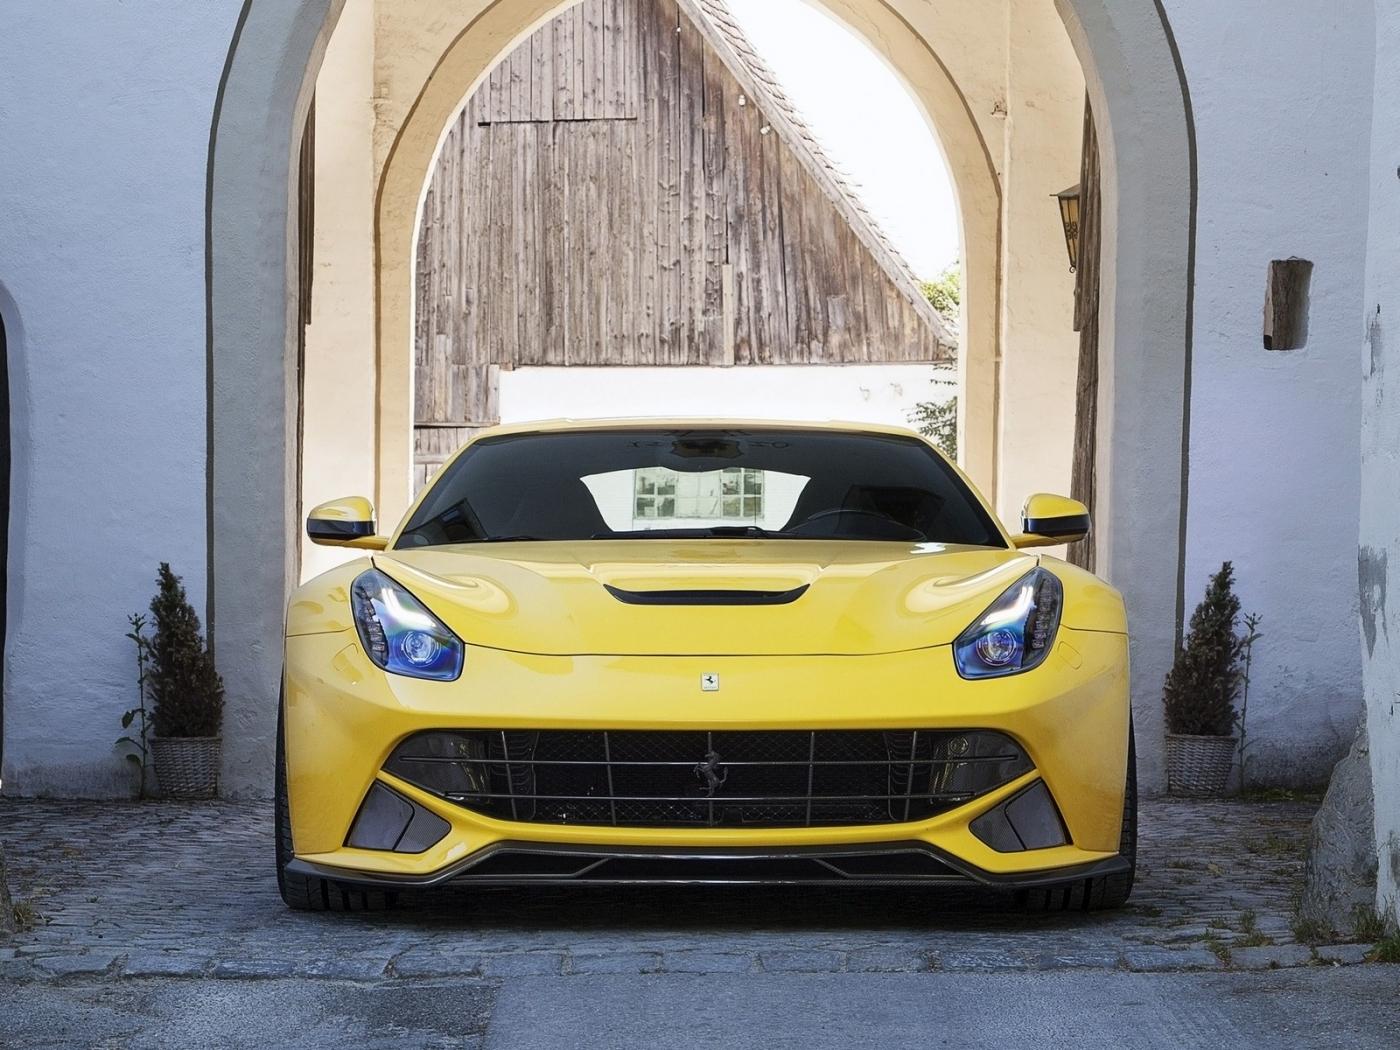 47156 скачать обои Транспорт, Машины, Феррари (Ferrari) - заставки и картинки бесплатно